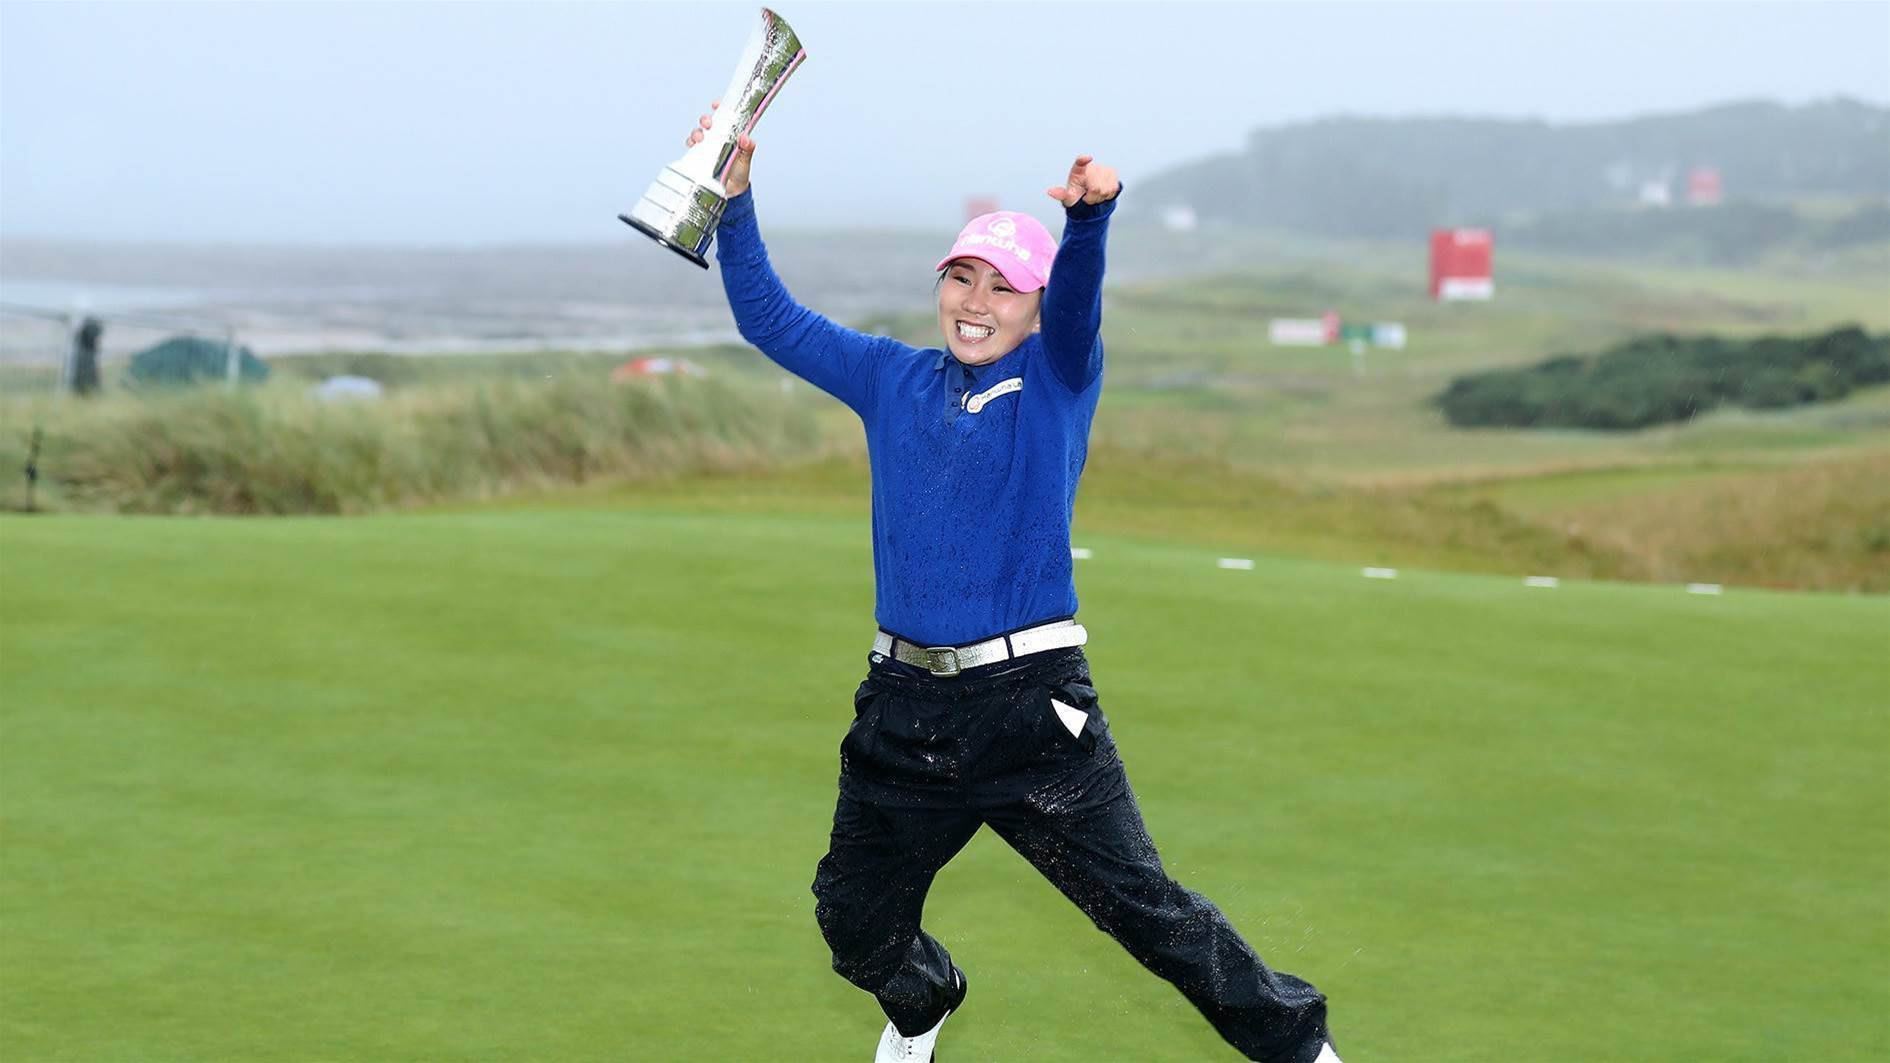 LPGA TOUR: Major redemption for Kim